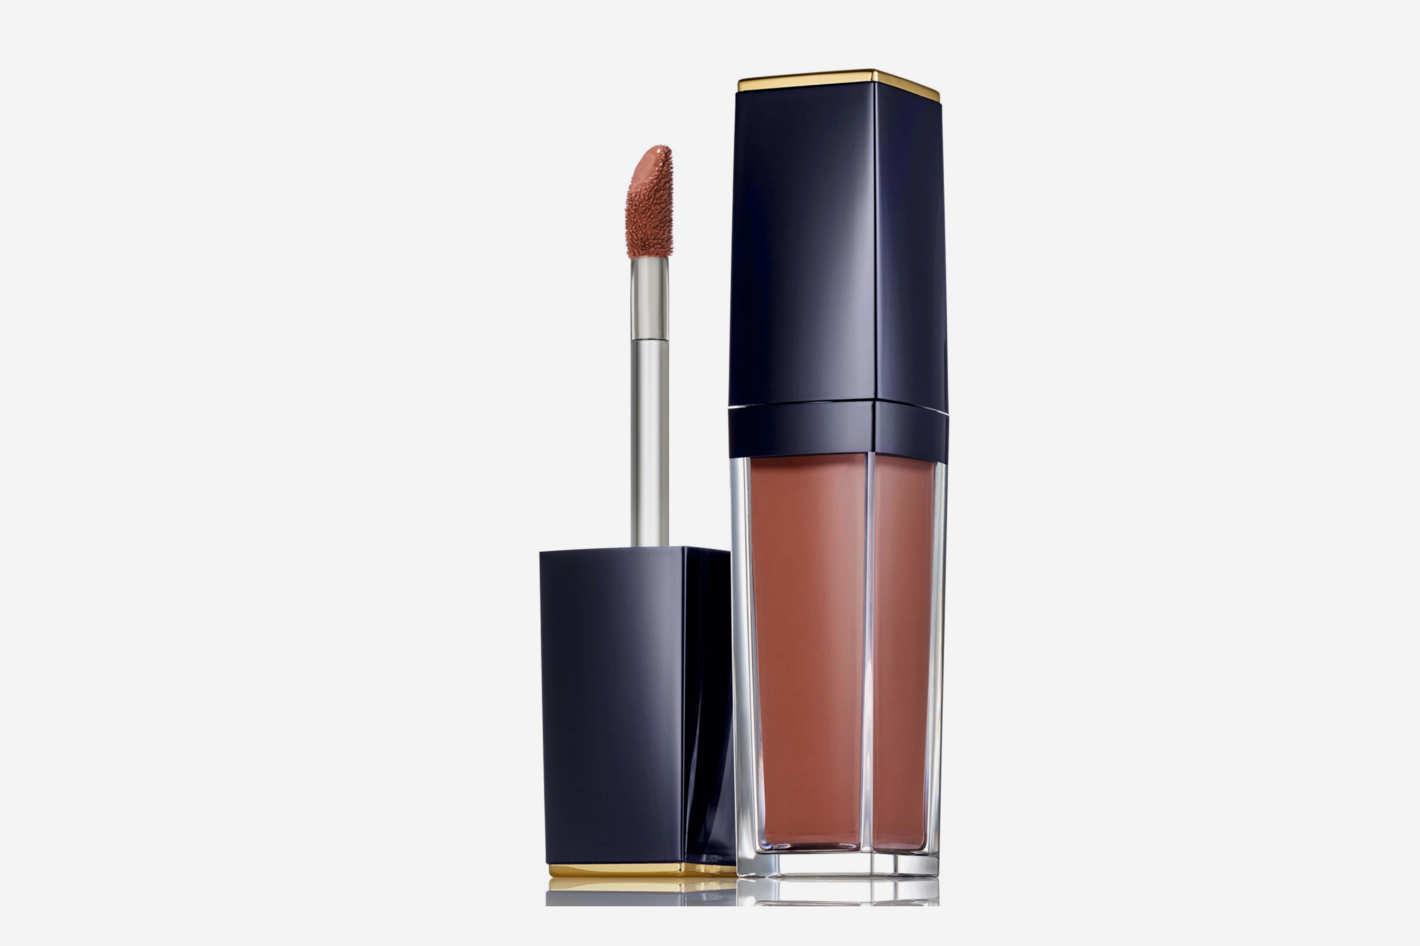 Violette La Dangereuse Liquid Lip Color in Naked